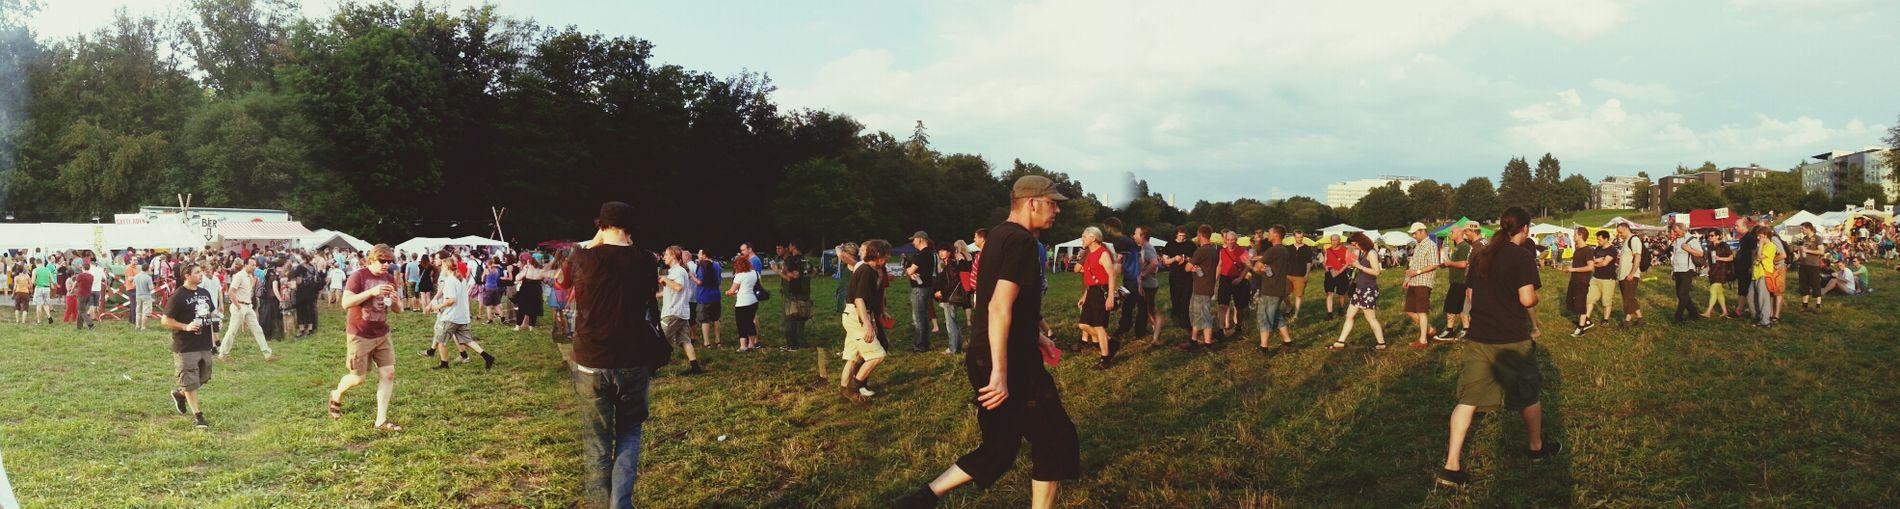 Bier?? :D Festival